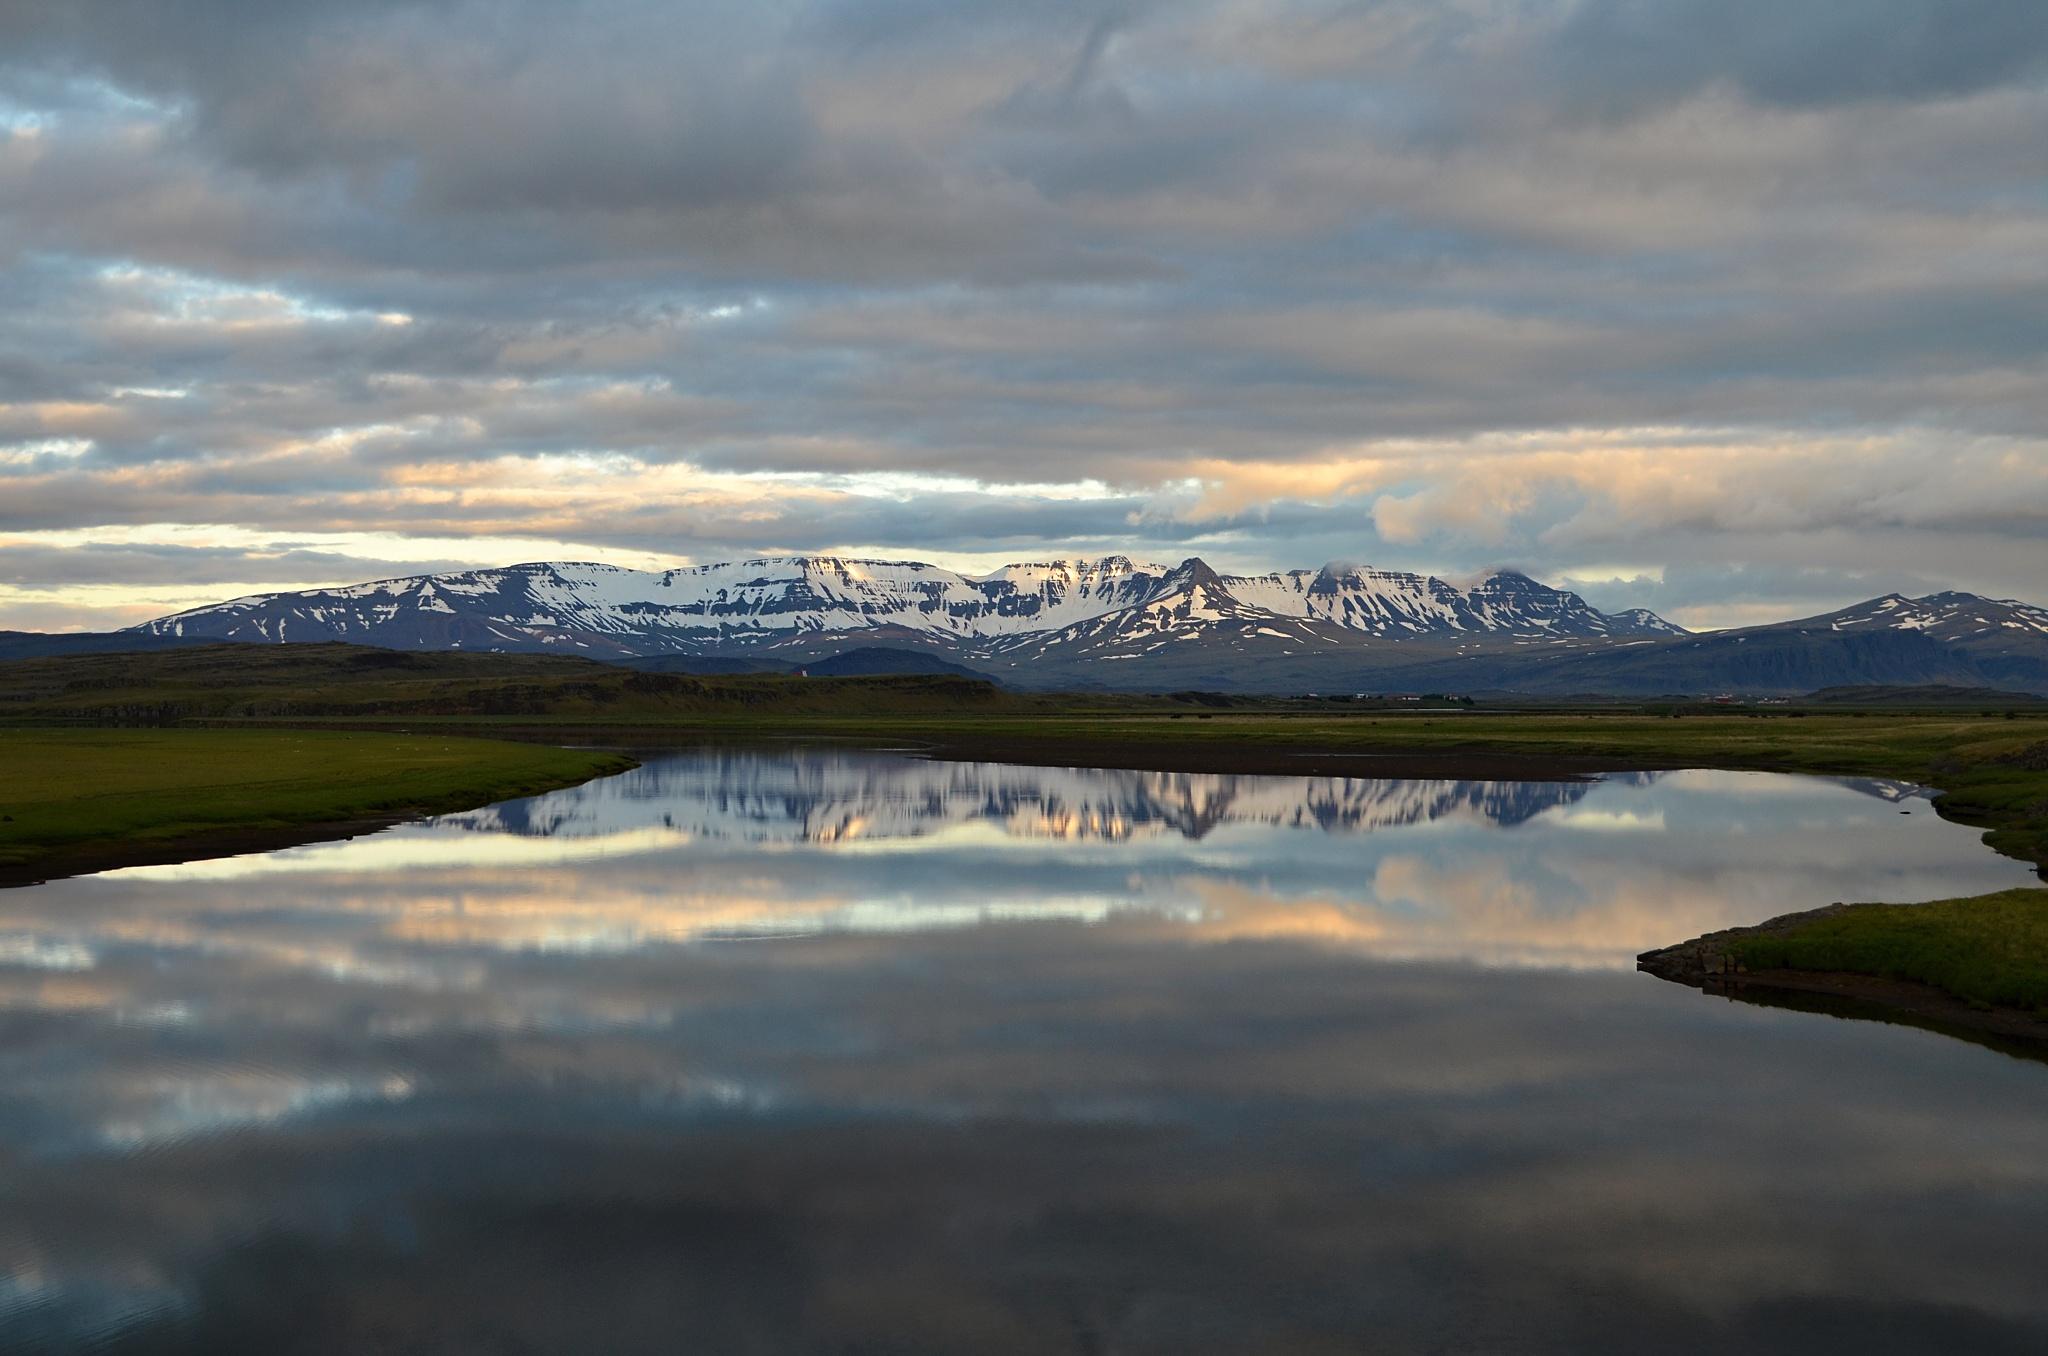 Krásný pohled přes zátoku na pohoří Hafnarfjall-Skarðsheiði